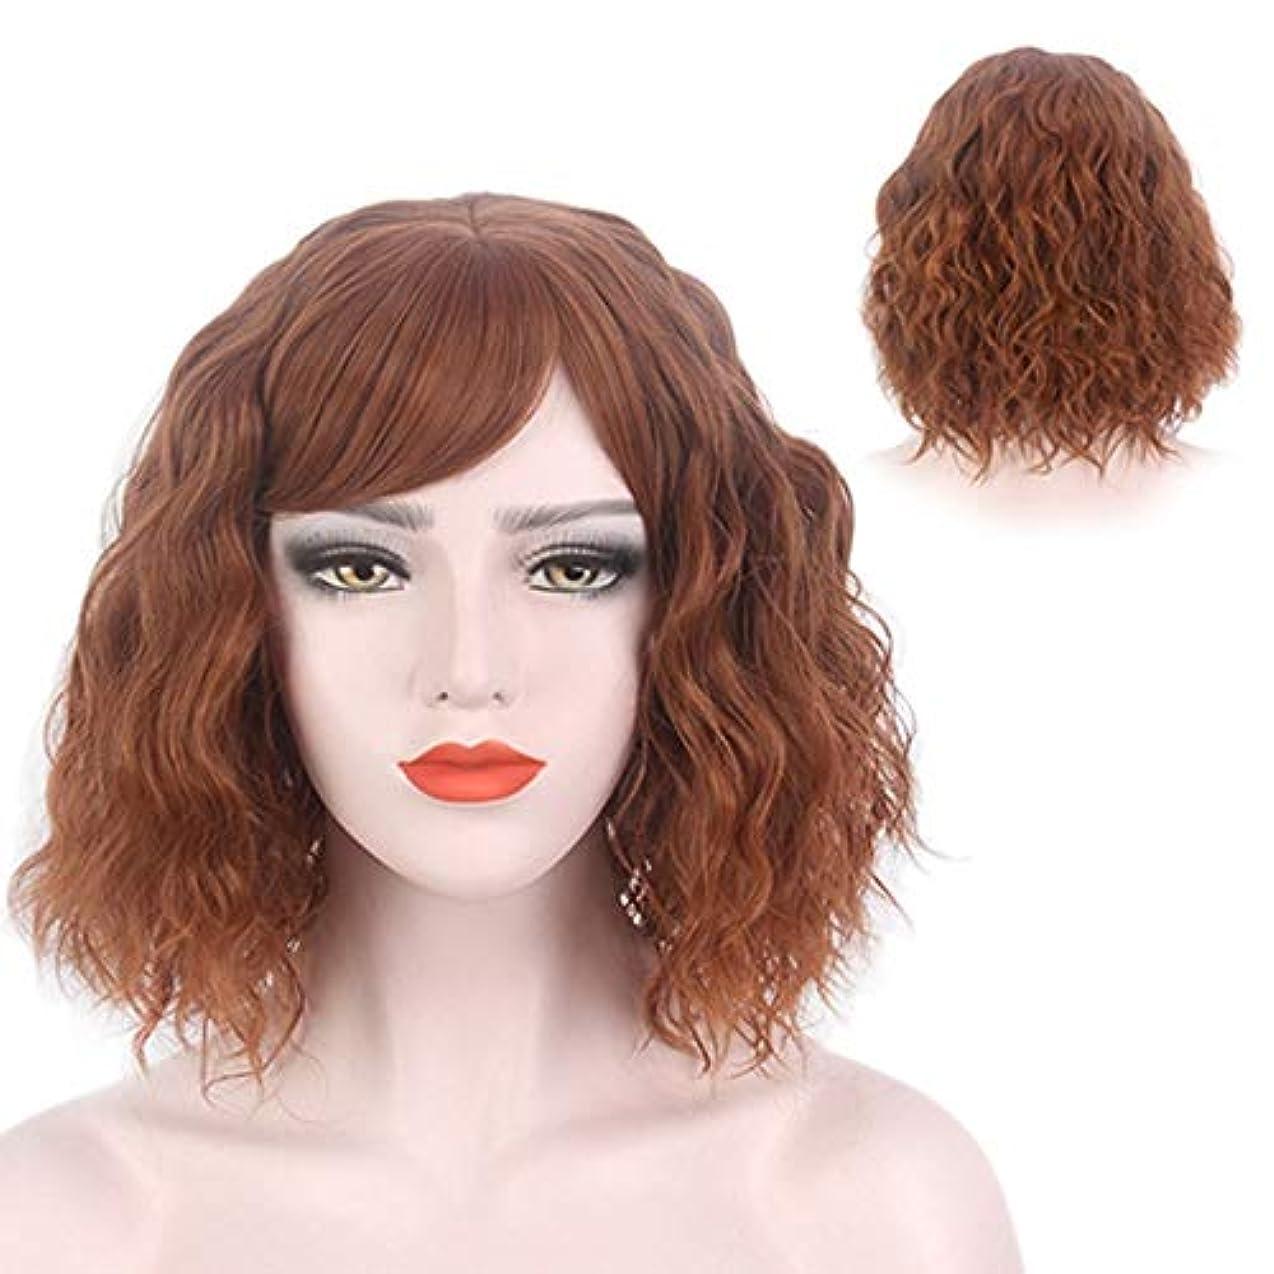 ダッシュバンガローファンドYOUQIU 女性のブラウンボブウィッグ自然な耐熱合成ファッションかつらウィッグ用ショートカーリーウィッグ (色 : ブラウン)